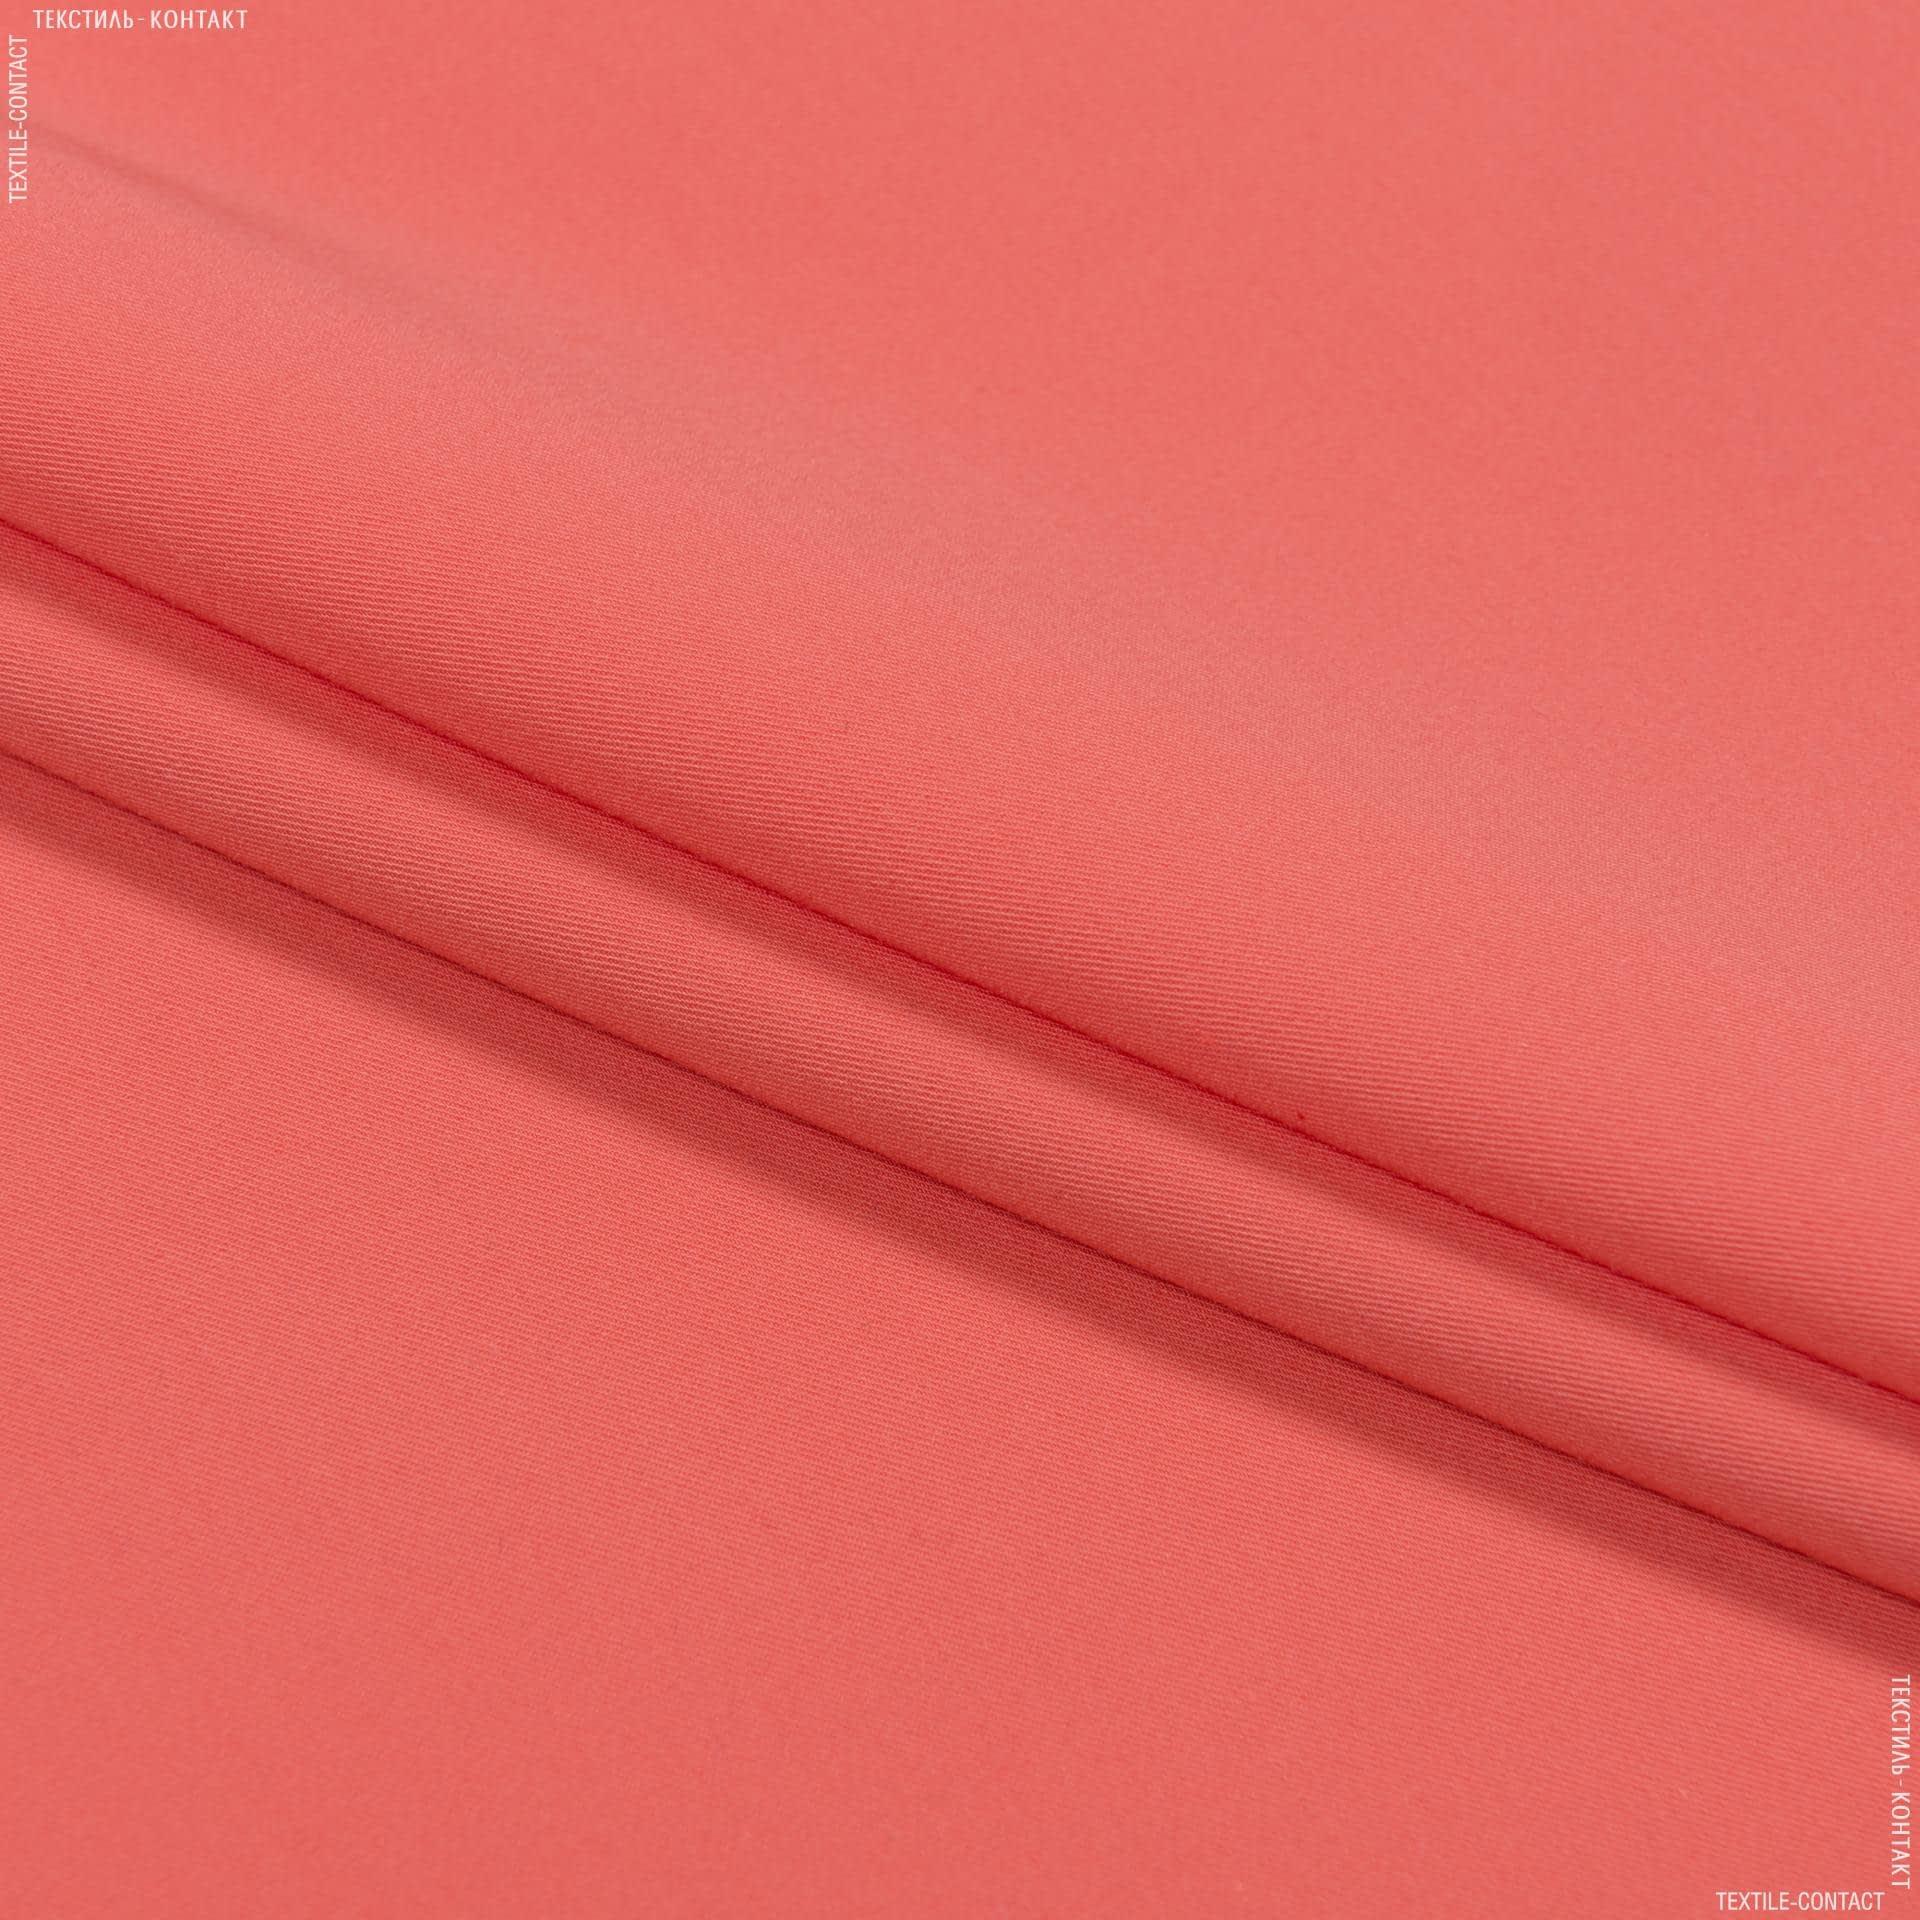 Ткани для брюк - Костюмная тесла-1 коралловый